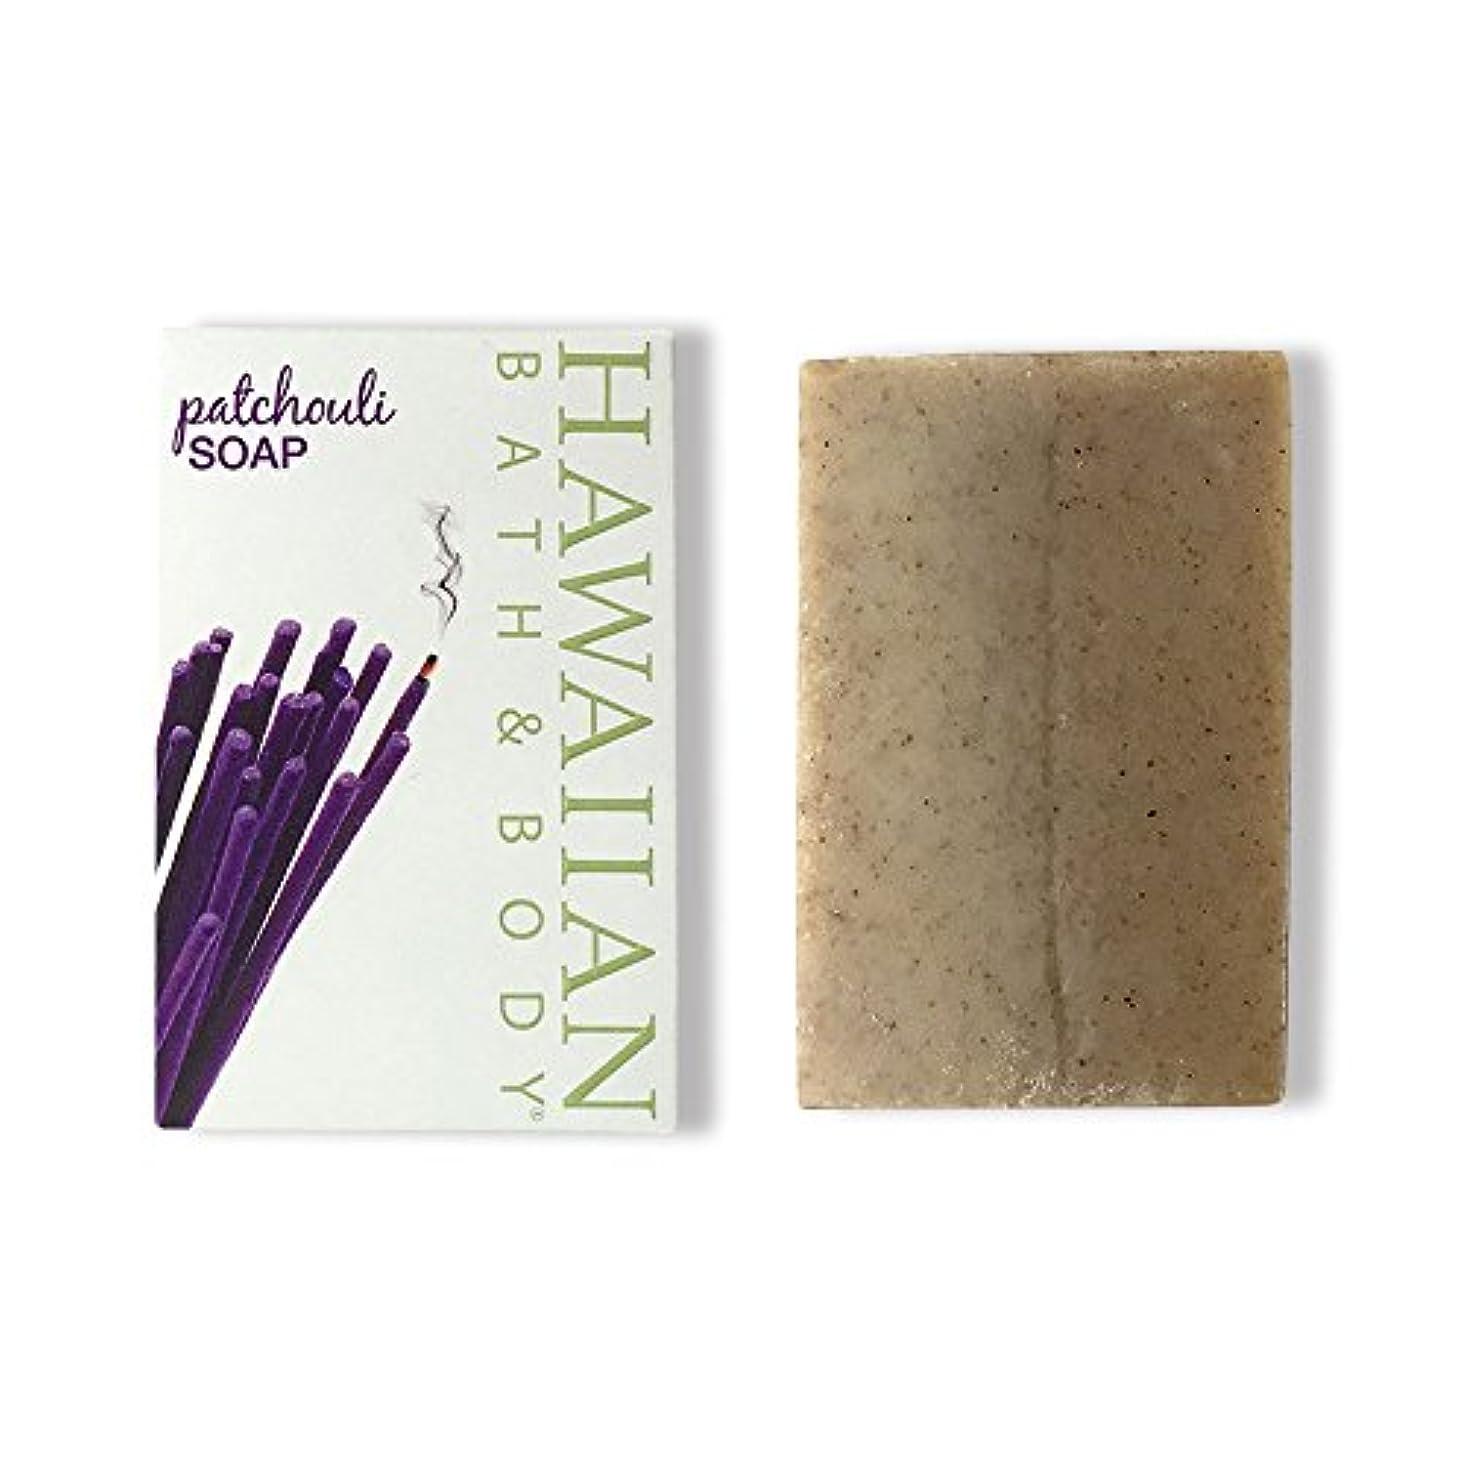 ステレオ真似る定期的ハワイアンバス&ボディ パチュリ?ナチュラルソープ ( Pachouli Soap )